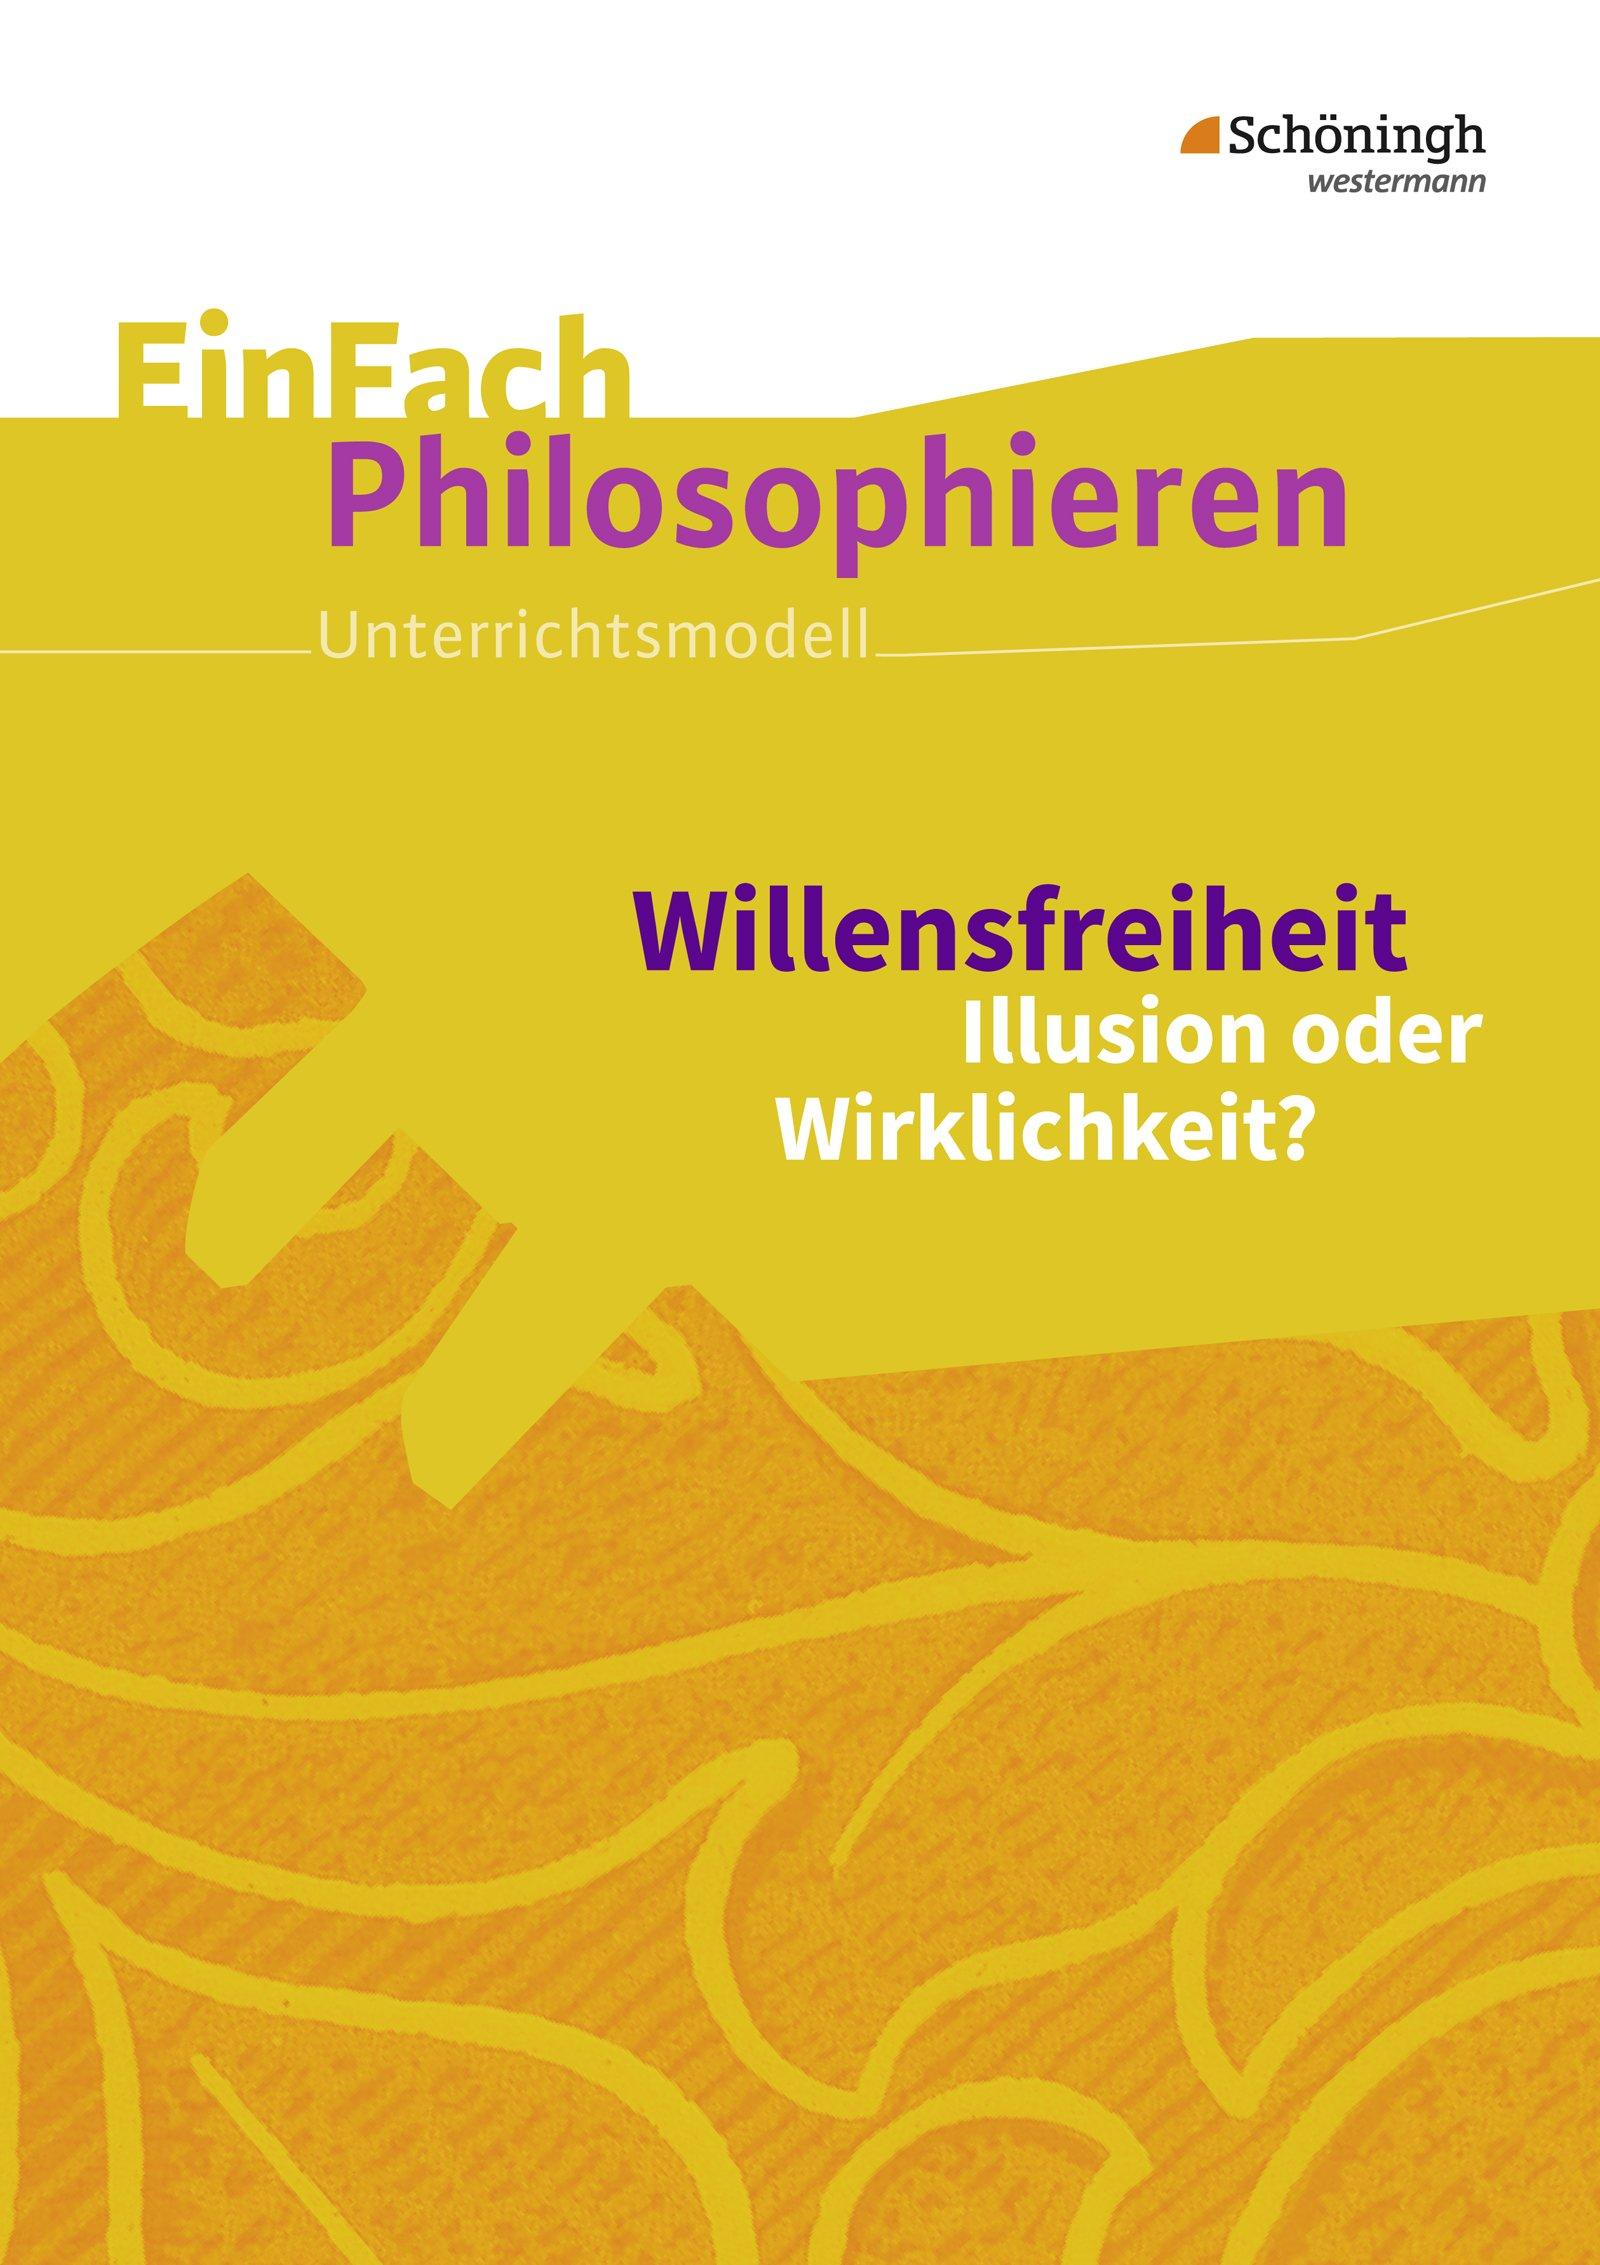 EinFach Philosophieren: Willensfreiheit: Illusion oder Wirklichkeit?